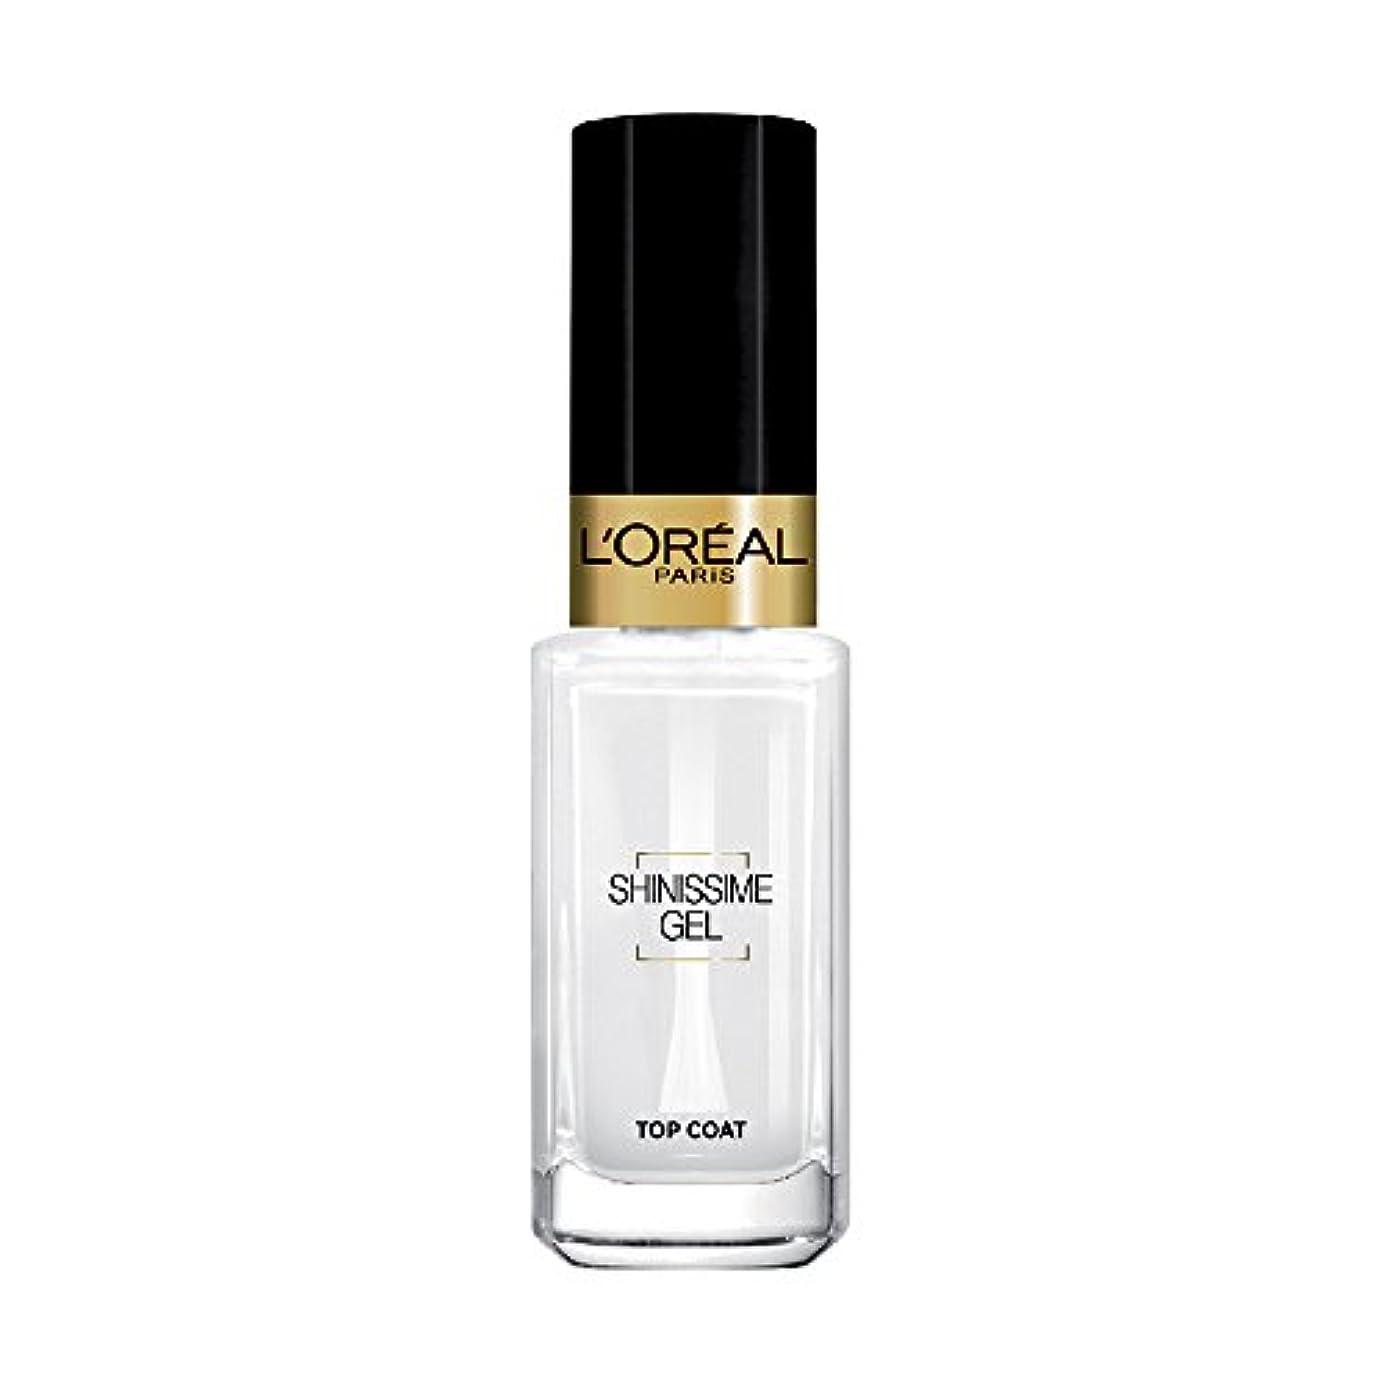 ペフ食い違い受粉者L 'Oréal Paris shinissime Gel Top Coat effekt gel